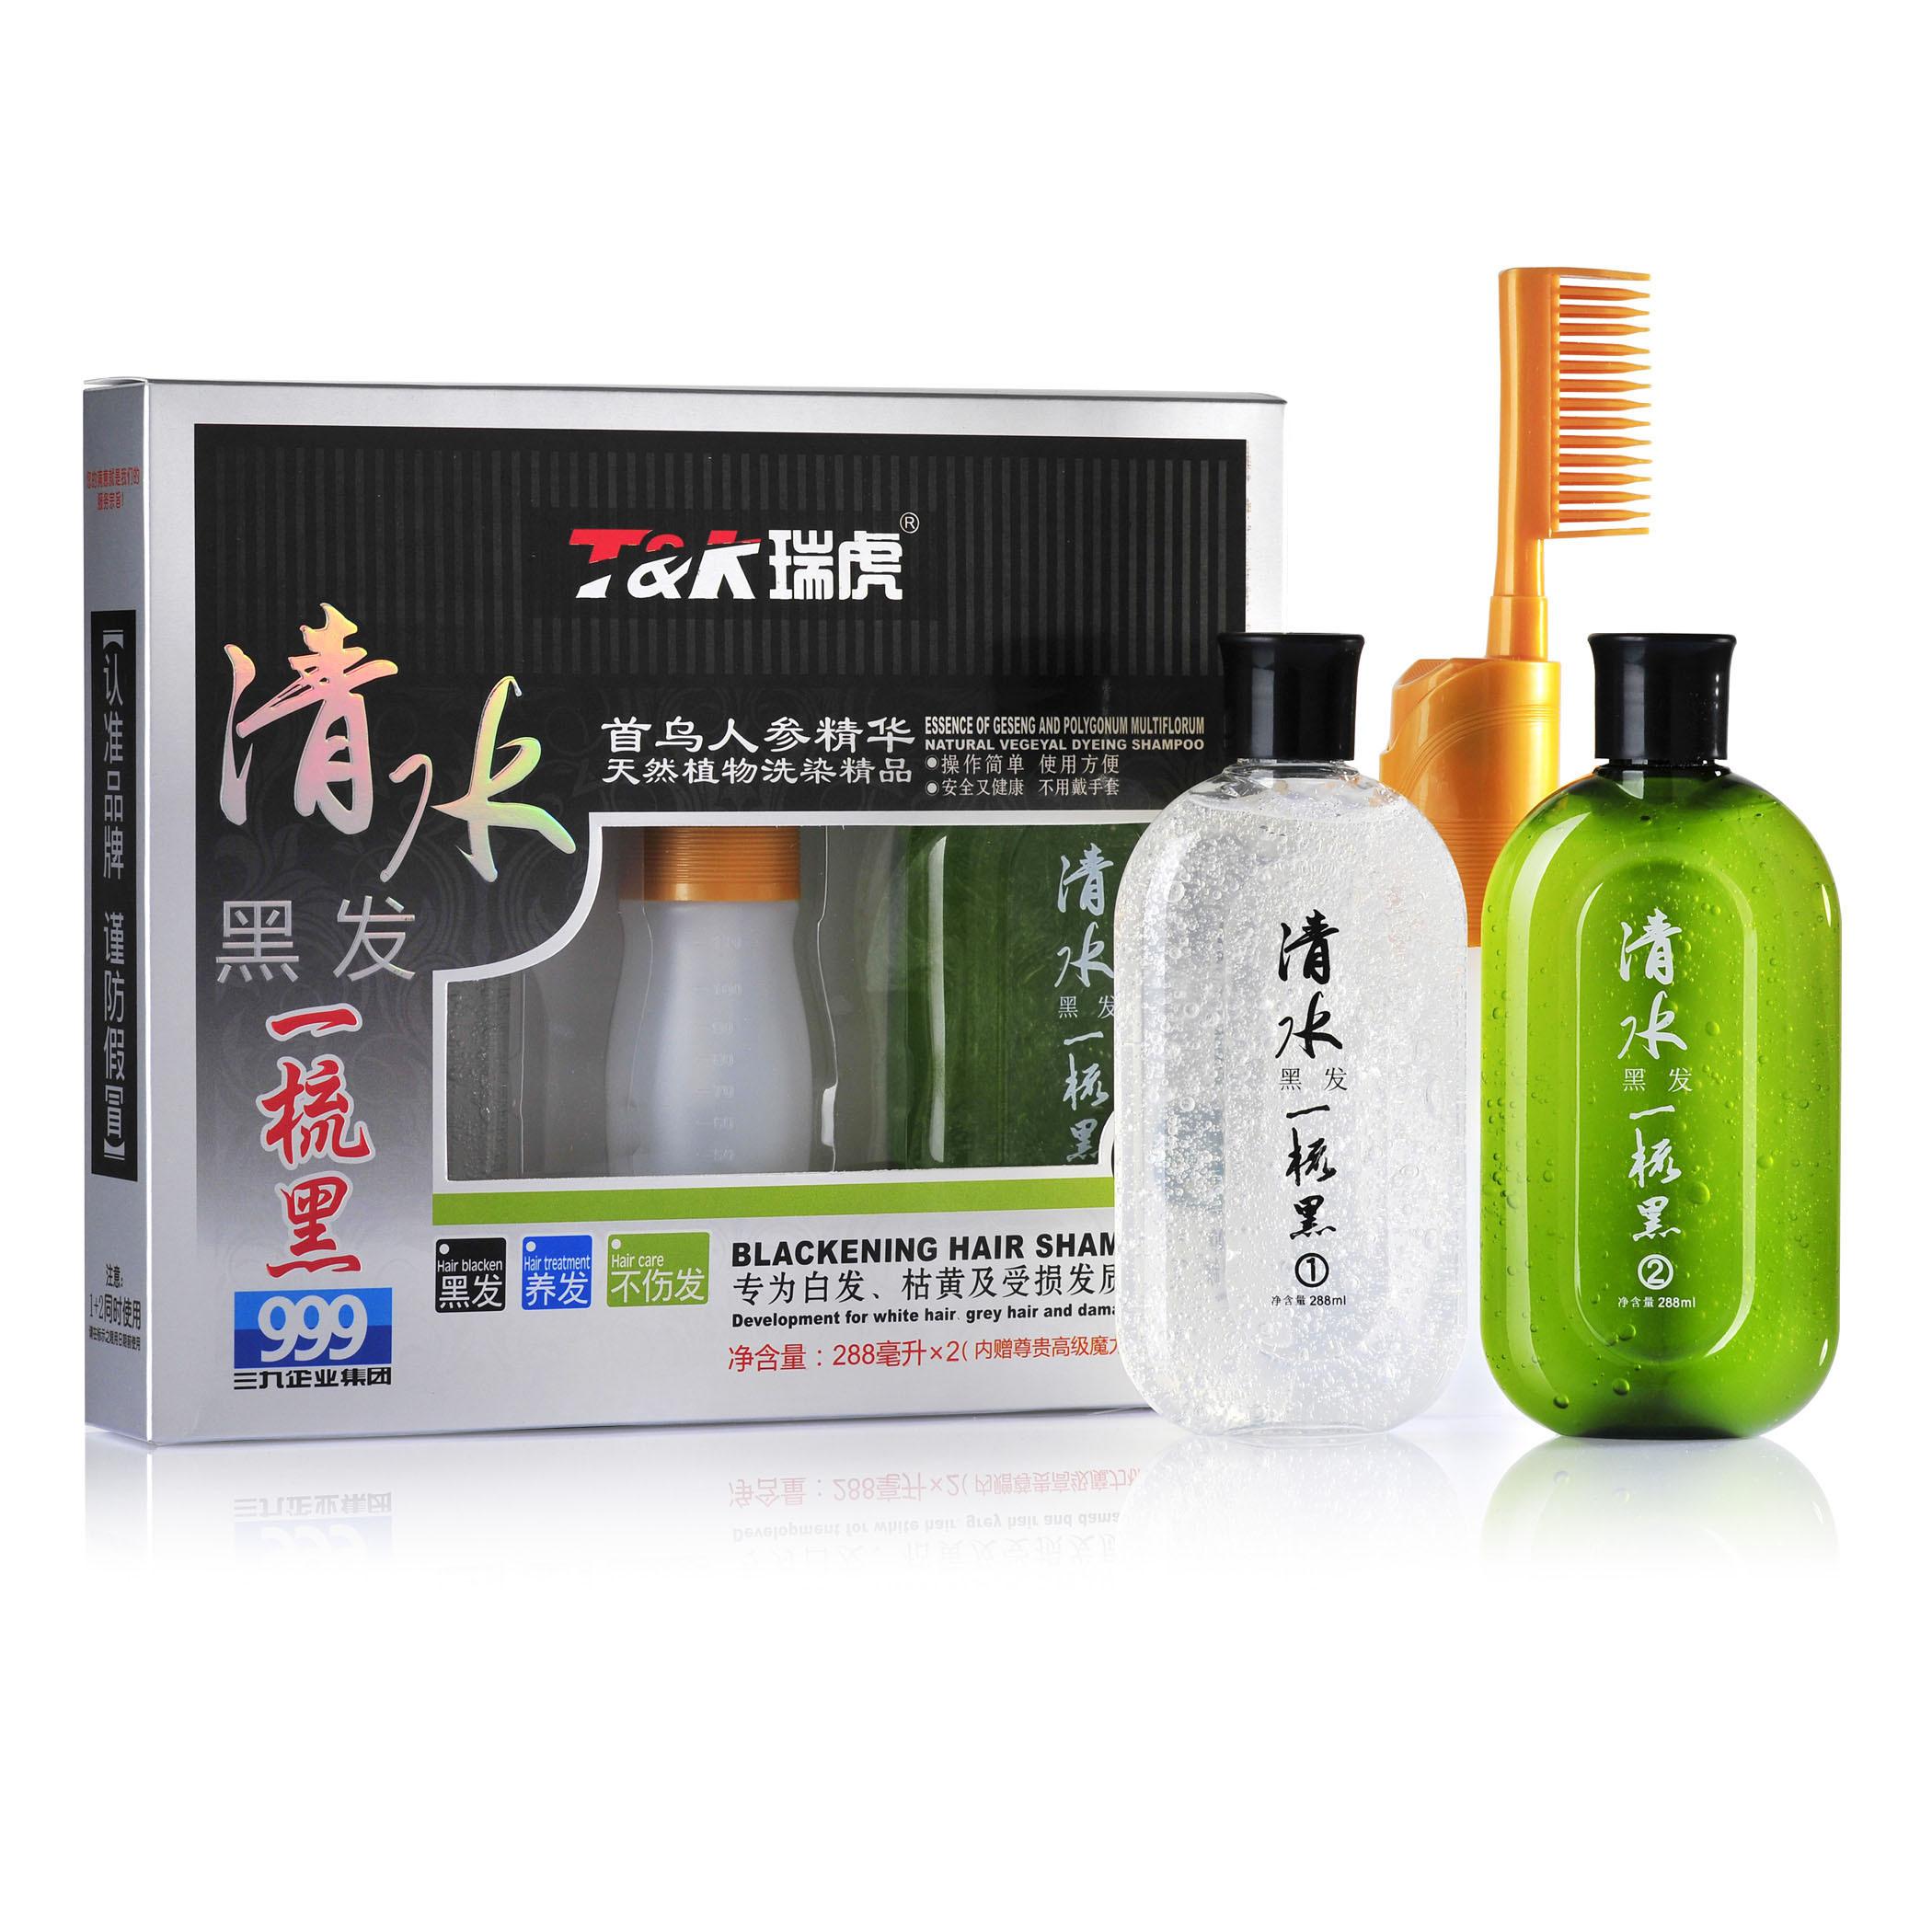 正品t&k瑞虎清水一梳黑洗发水中药植物染发剂 膏 纯天然快速黑发